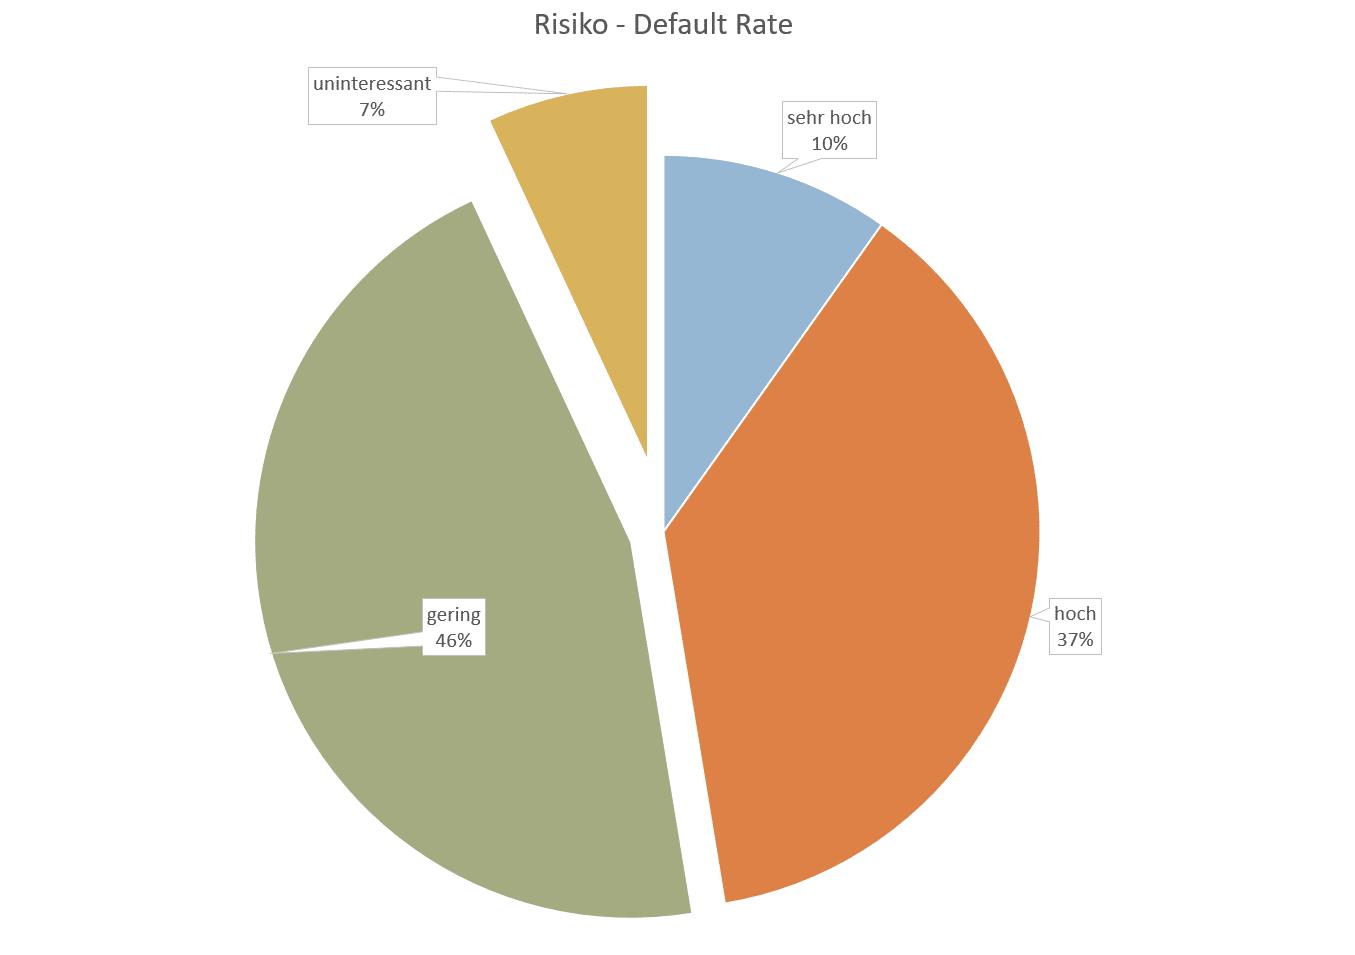 P2P Umfrageauswertung - Das Risiko durch eine Anstieg der default rate